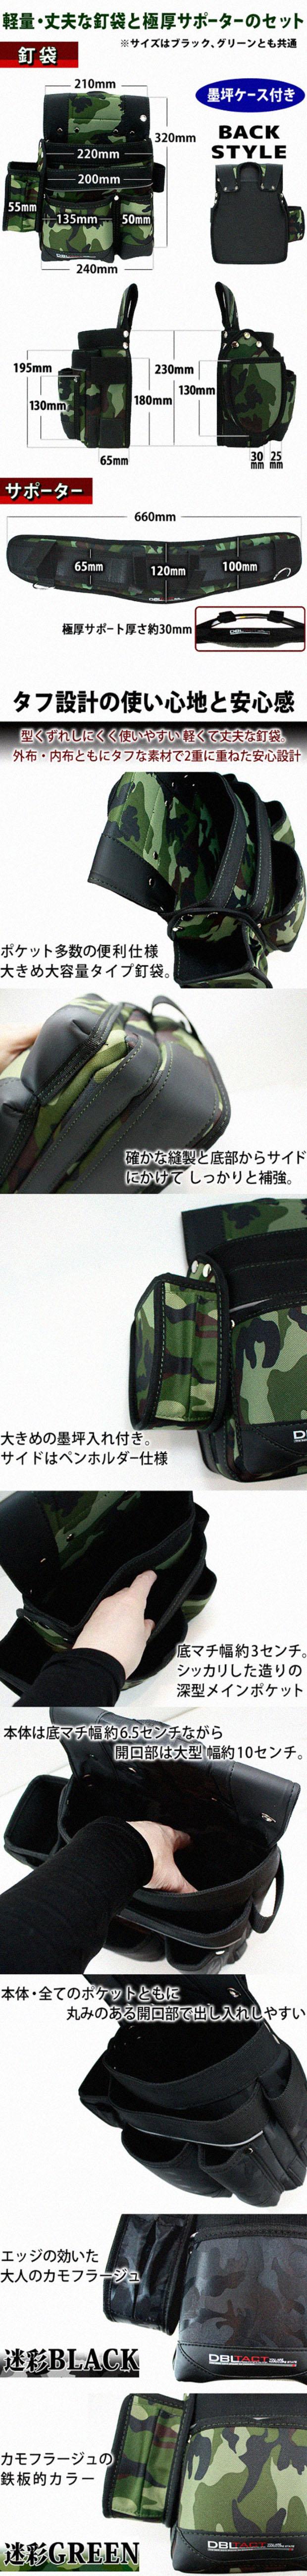 大人の迷彩 釘袋&極厚サポーターセット【迷彩ブラック/迷彩グリーン】